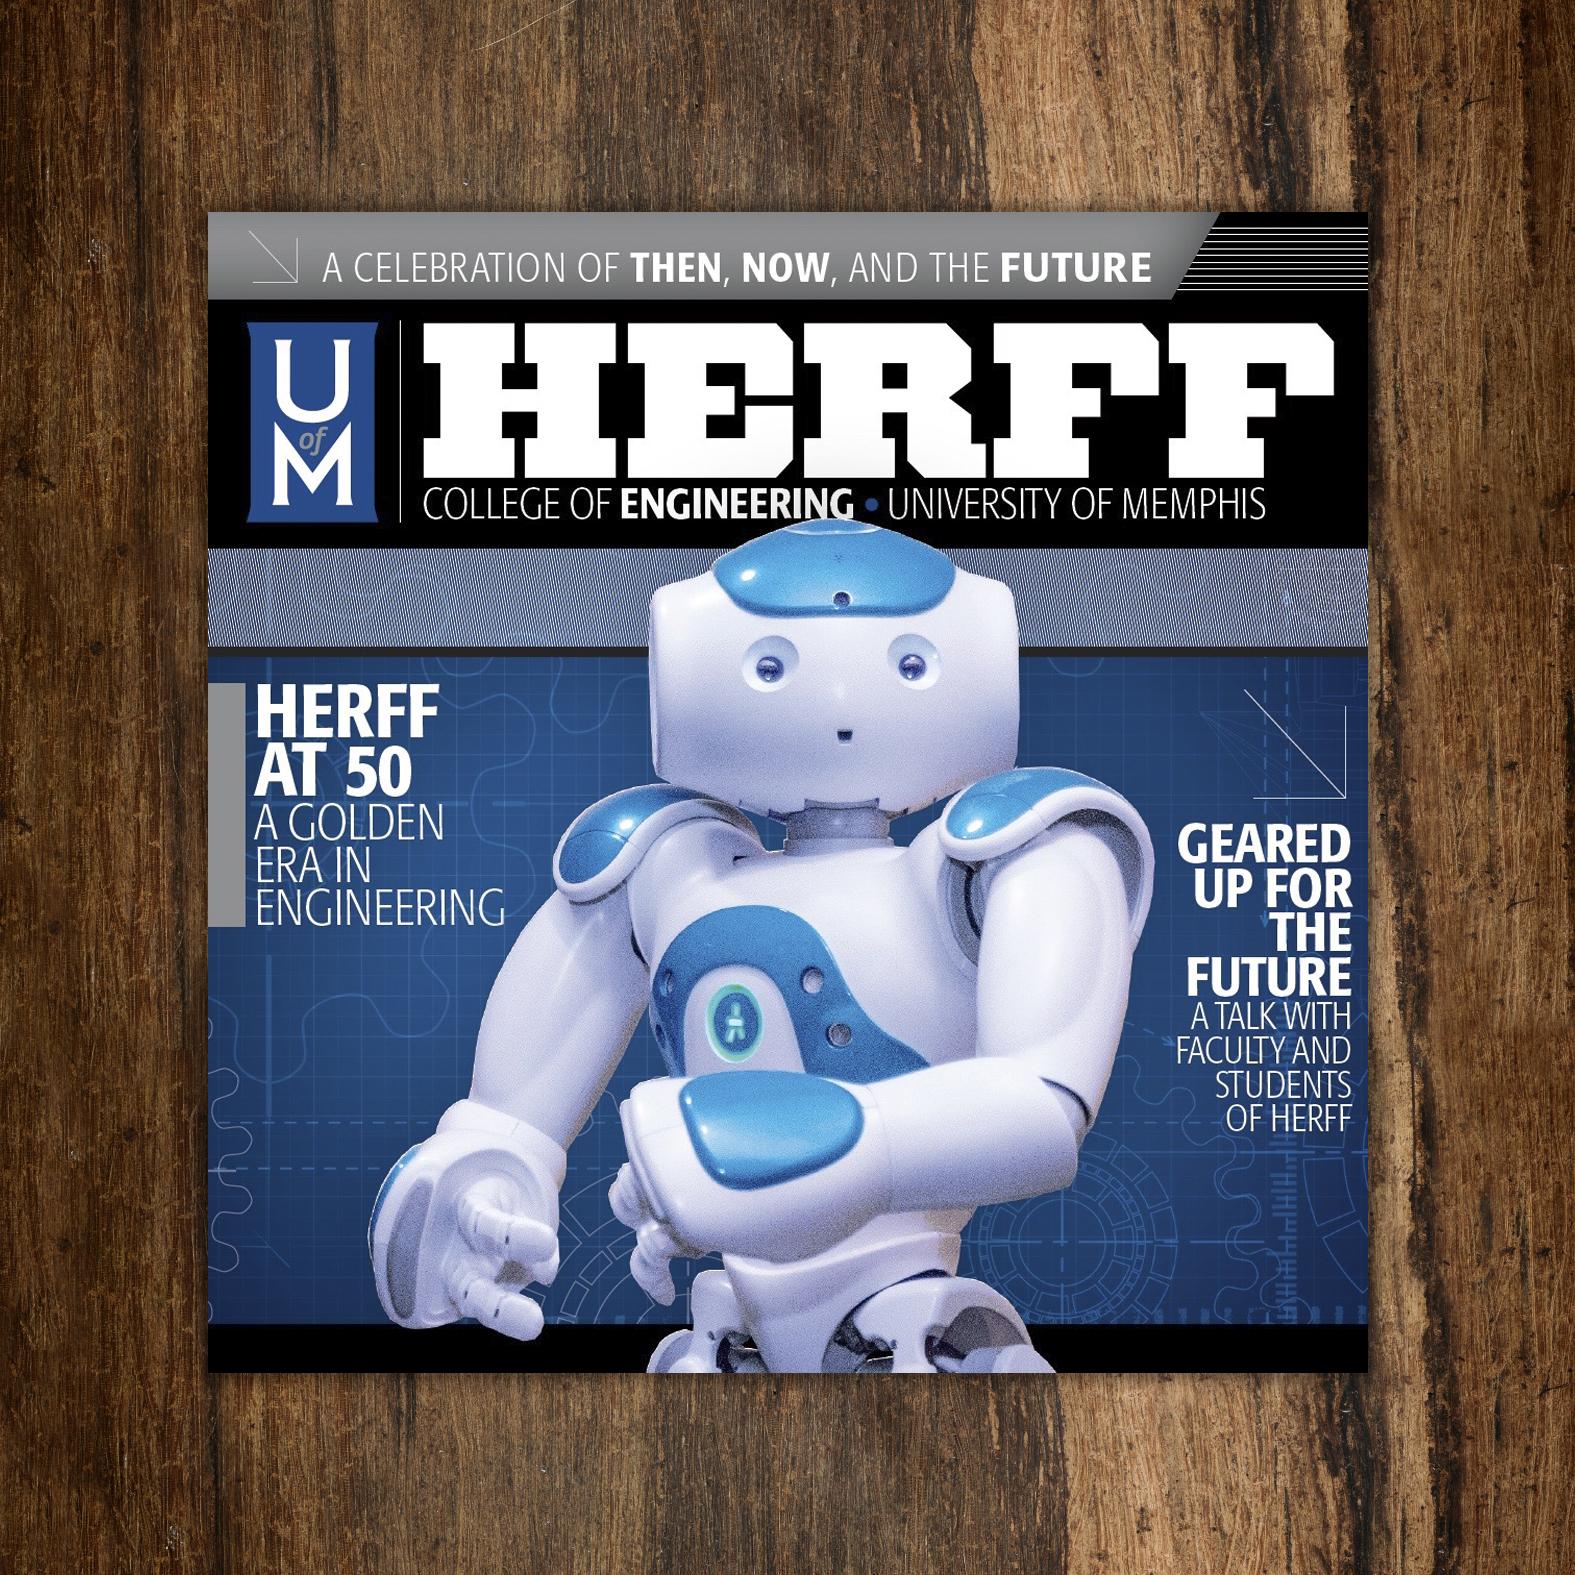 Herff_on_wood.jpg